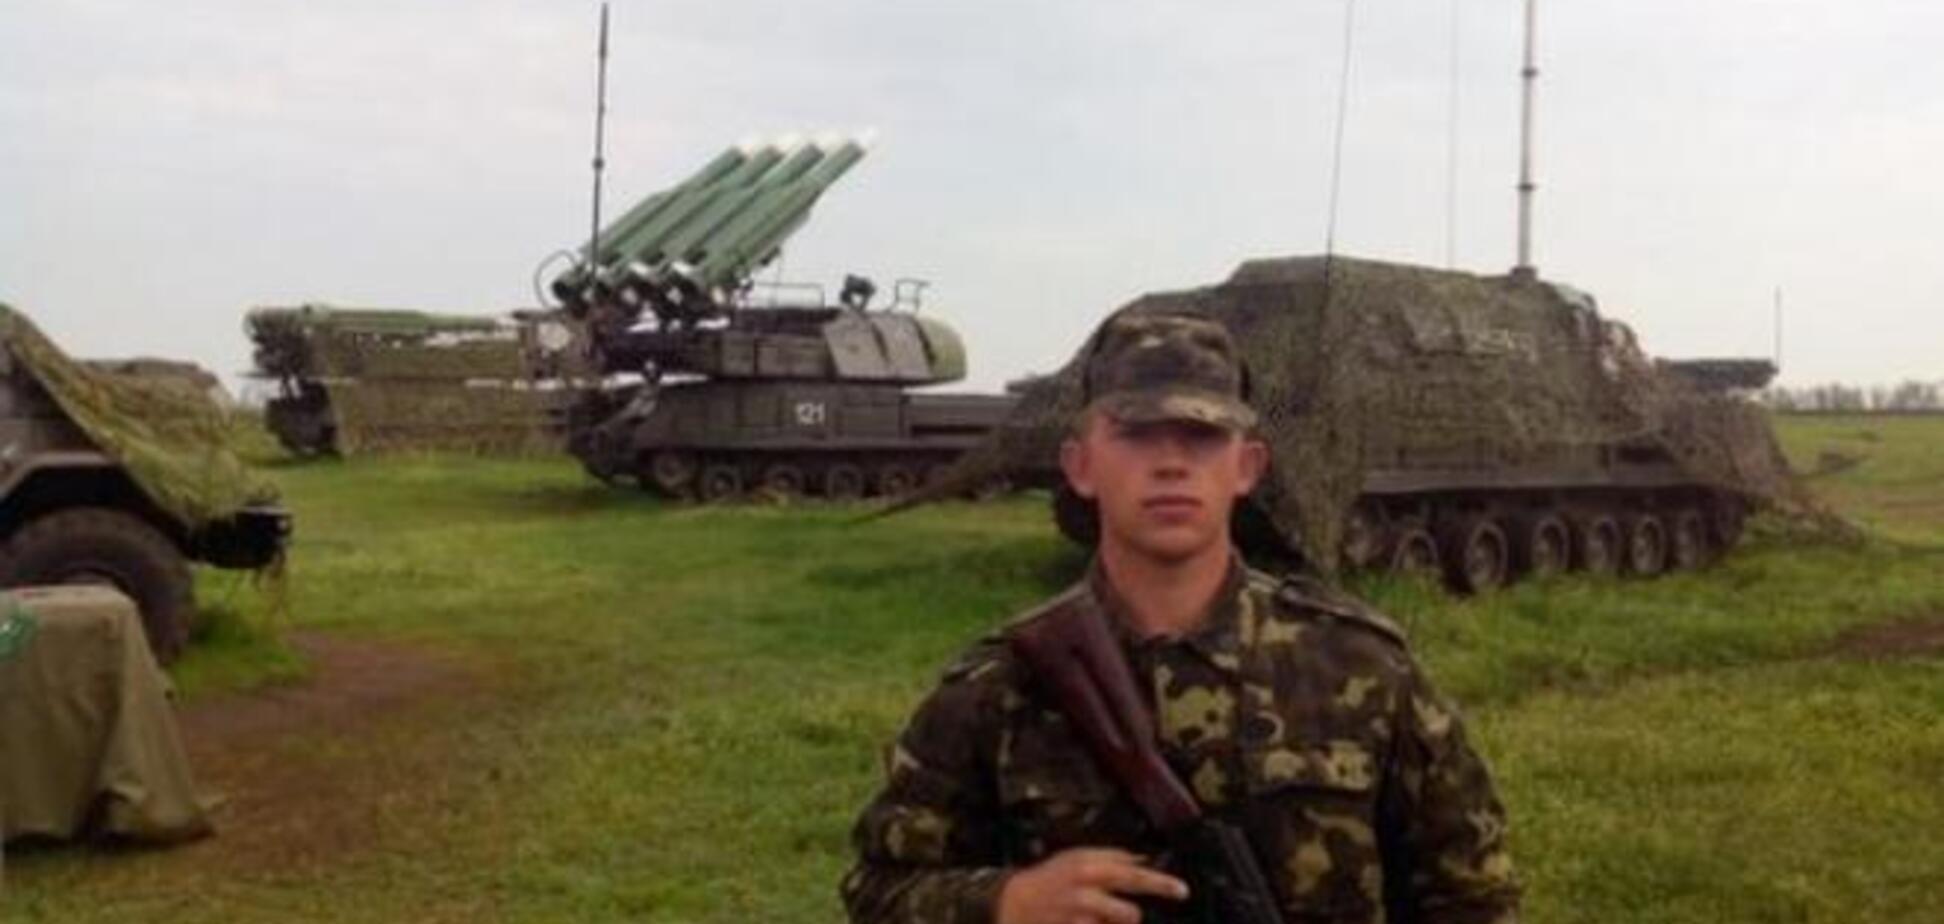 Напередодні аварії Boeing-777 терорист з 'ДНР' похвалився фотографією на тлі 'Бука'